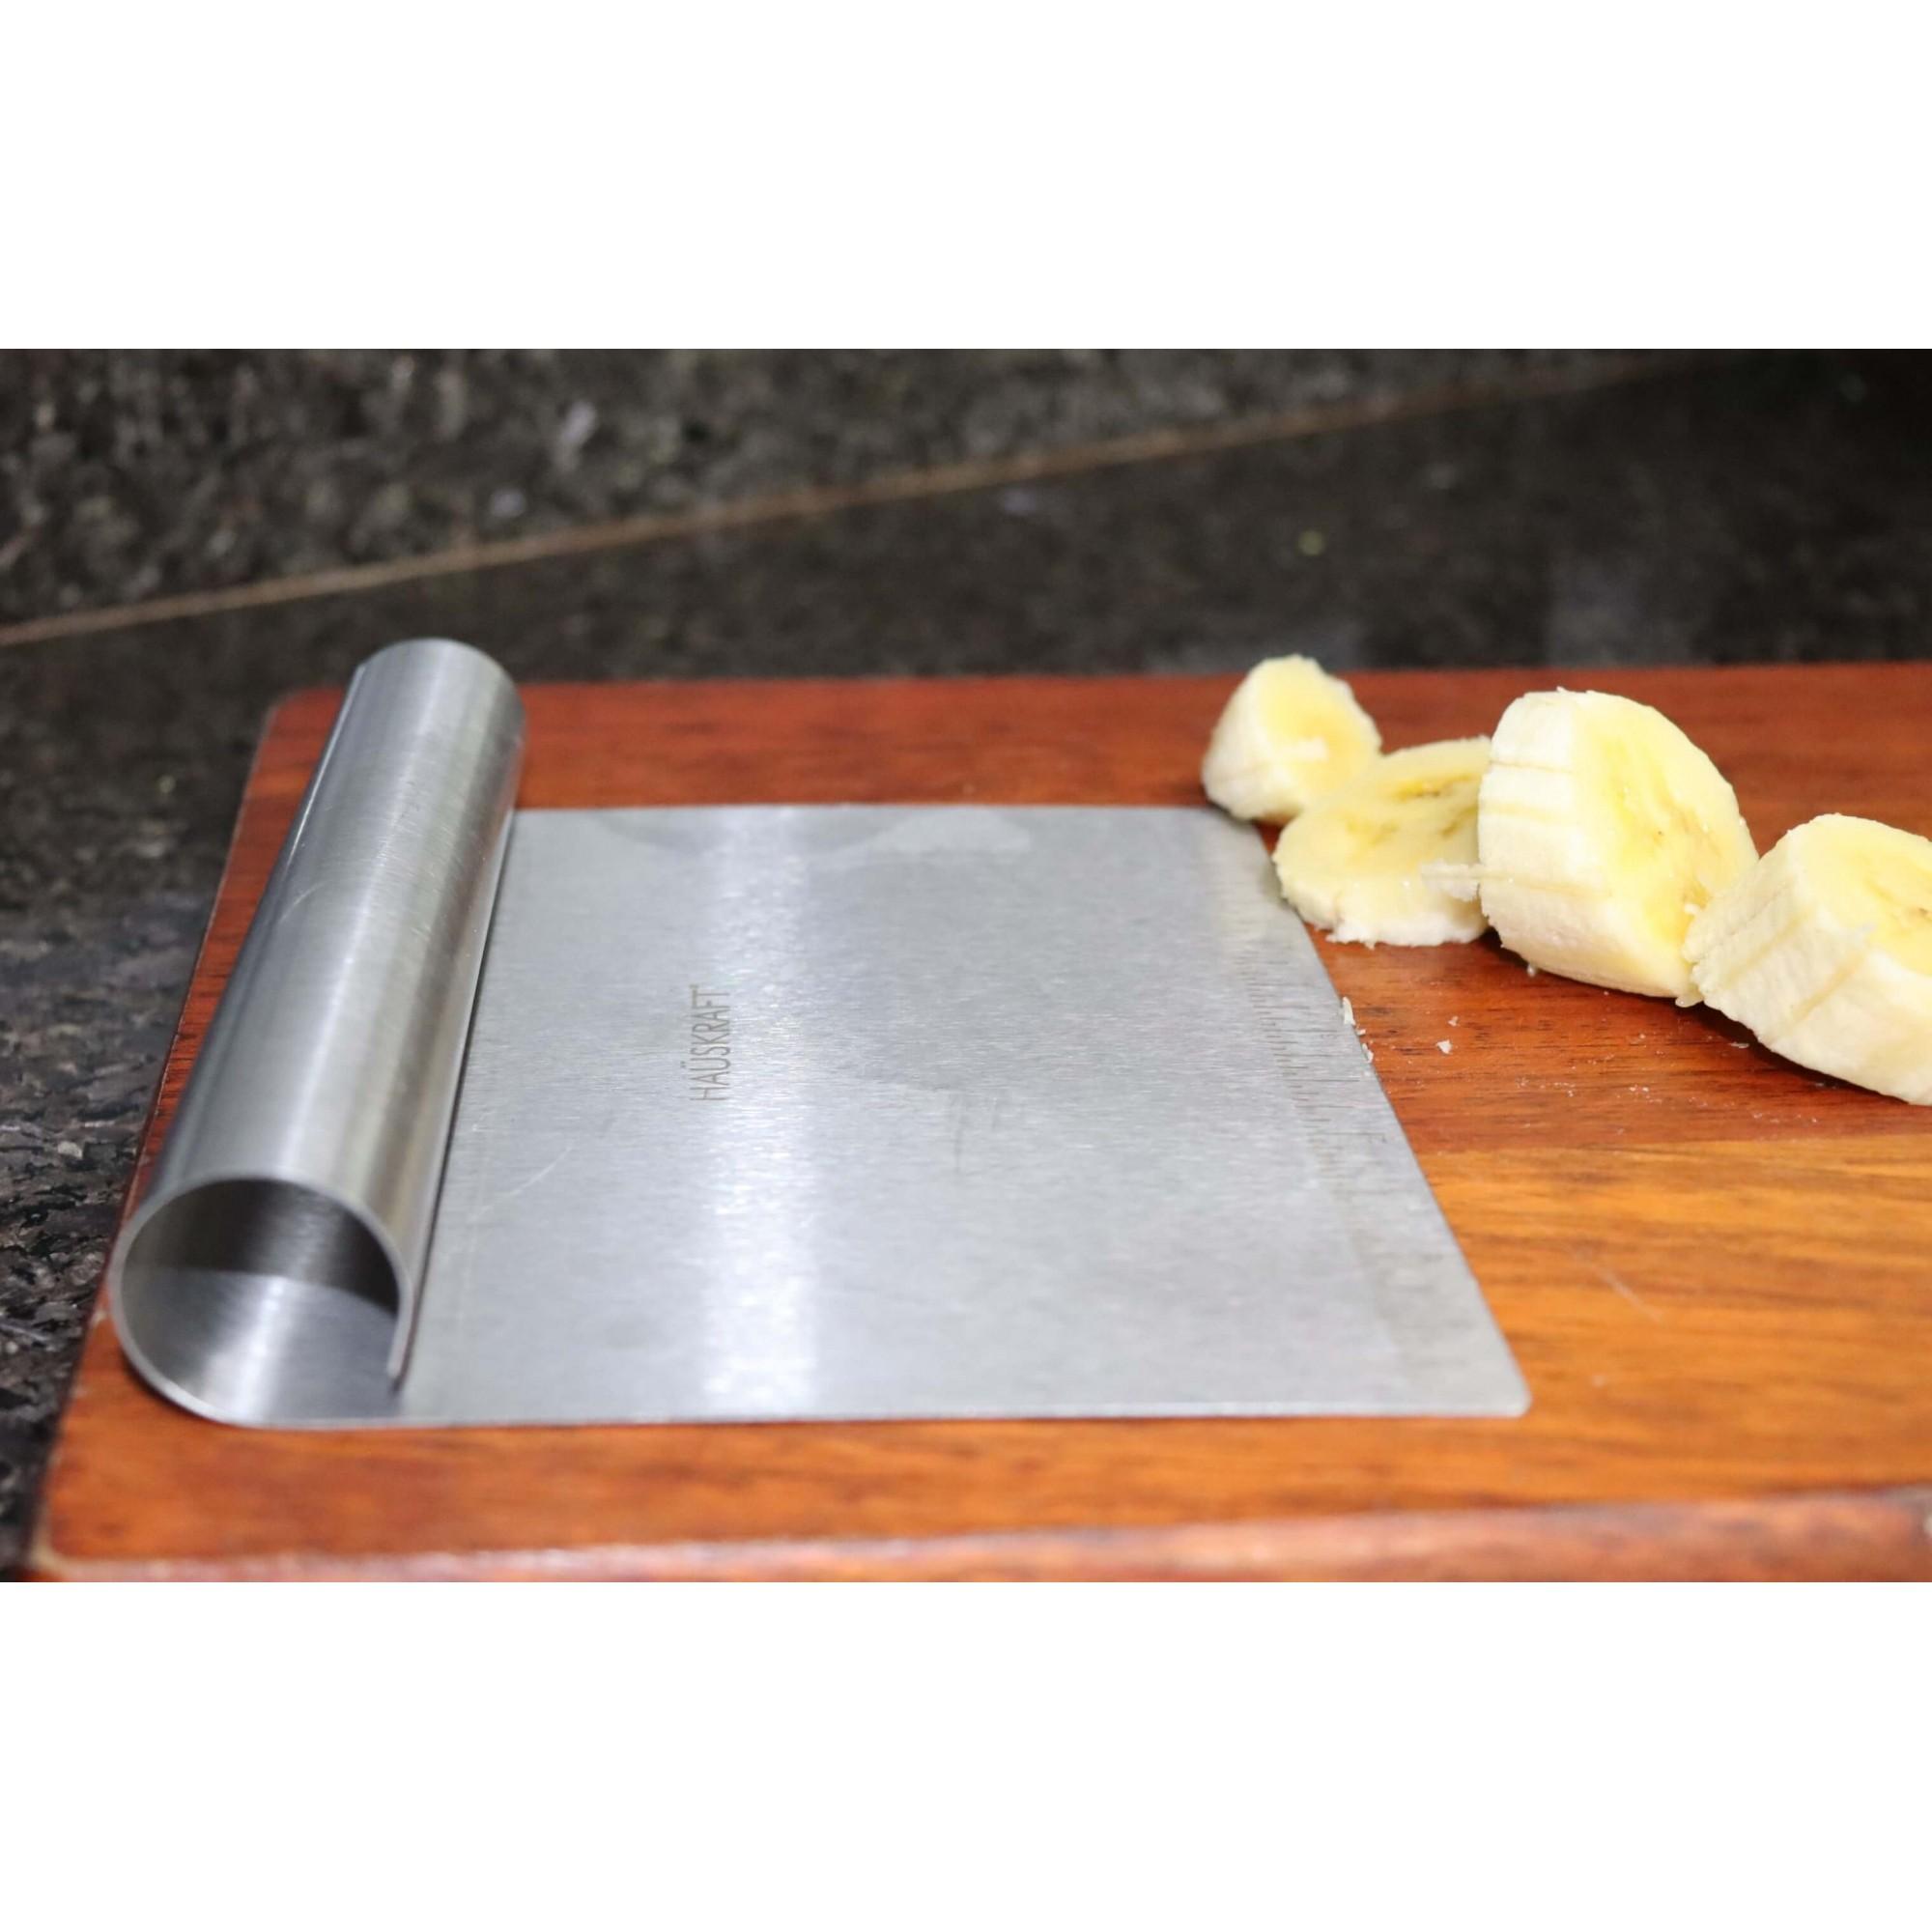 Espátula cortador massas de cozinha em aço inox raspadoras espatula confeiteiro padeiro